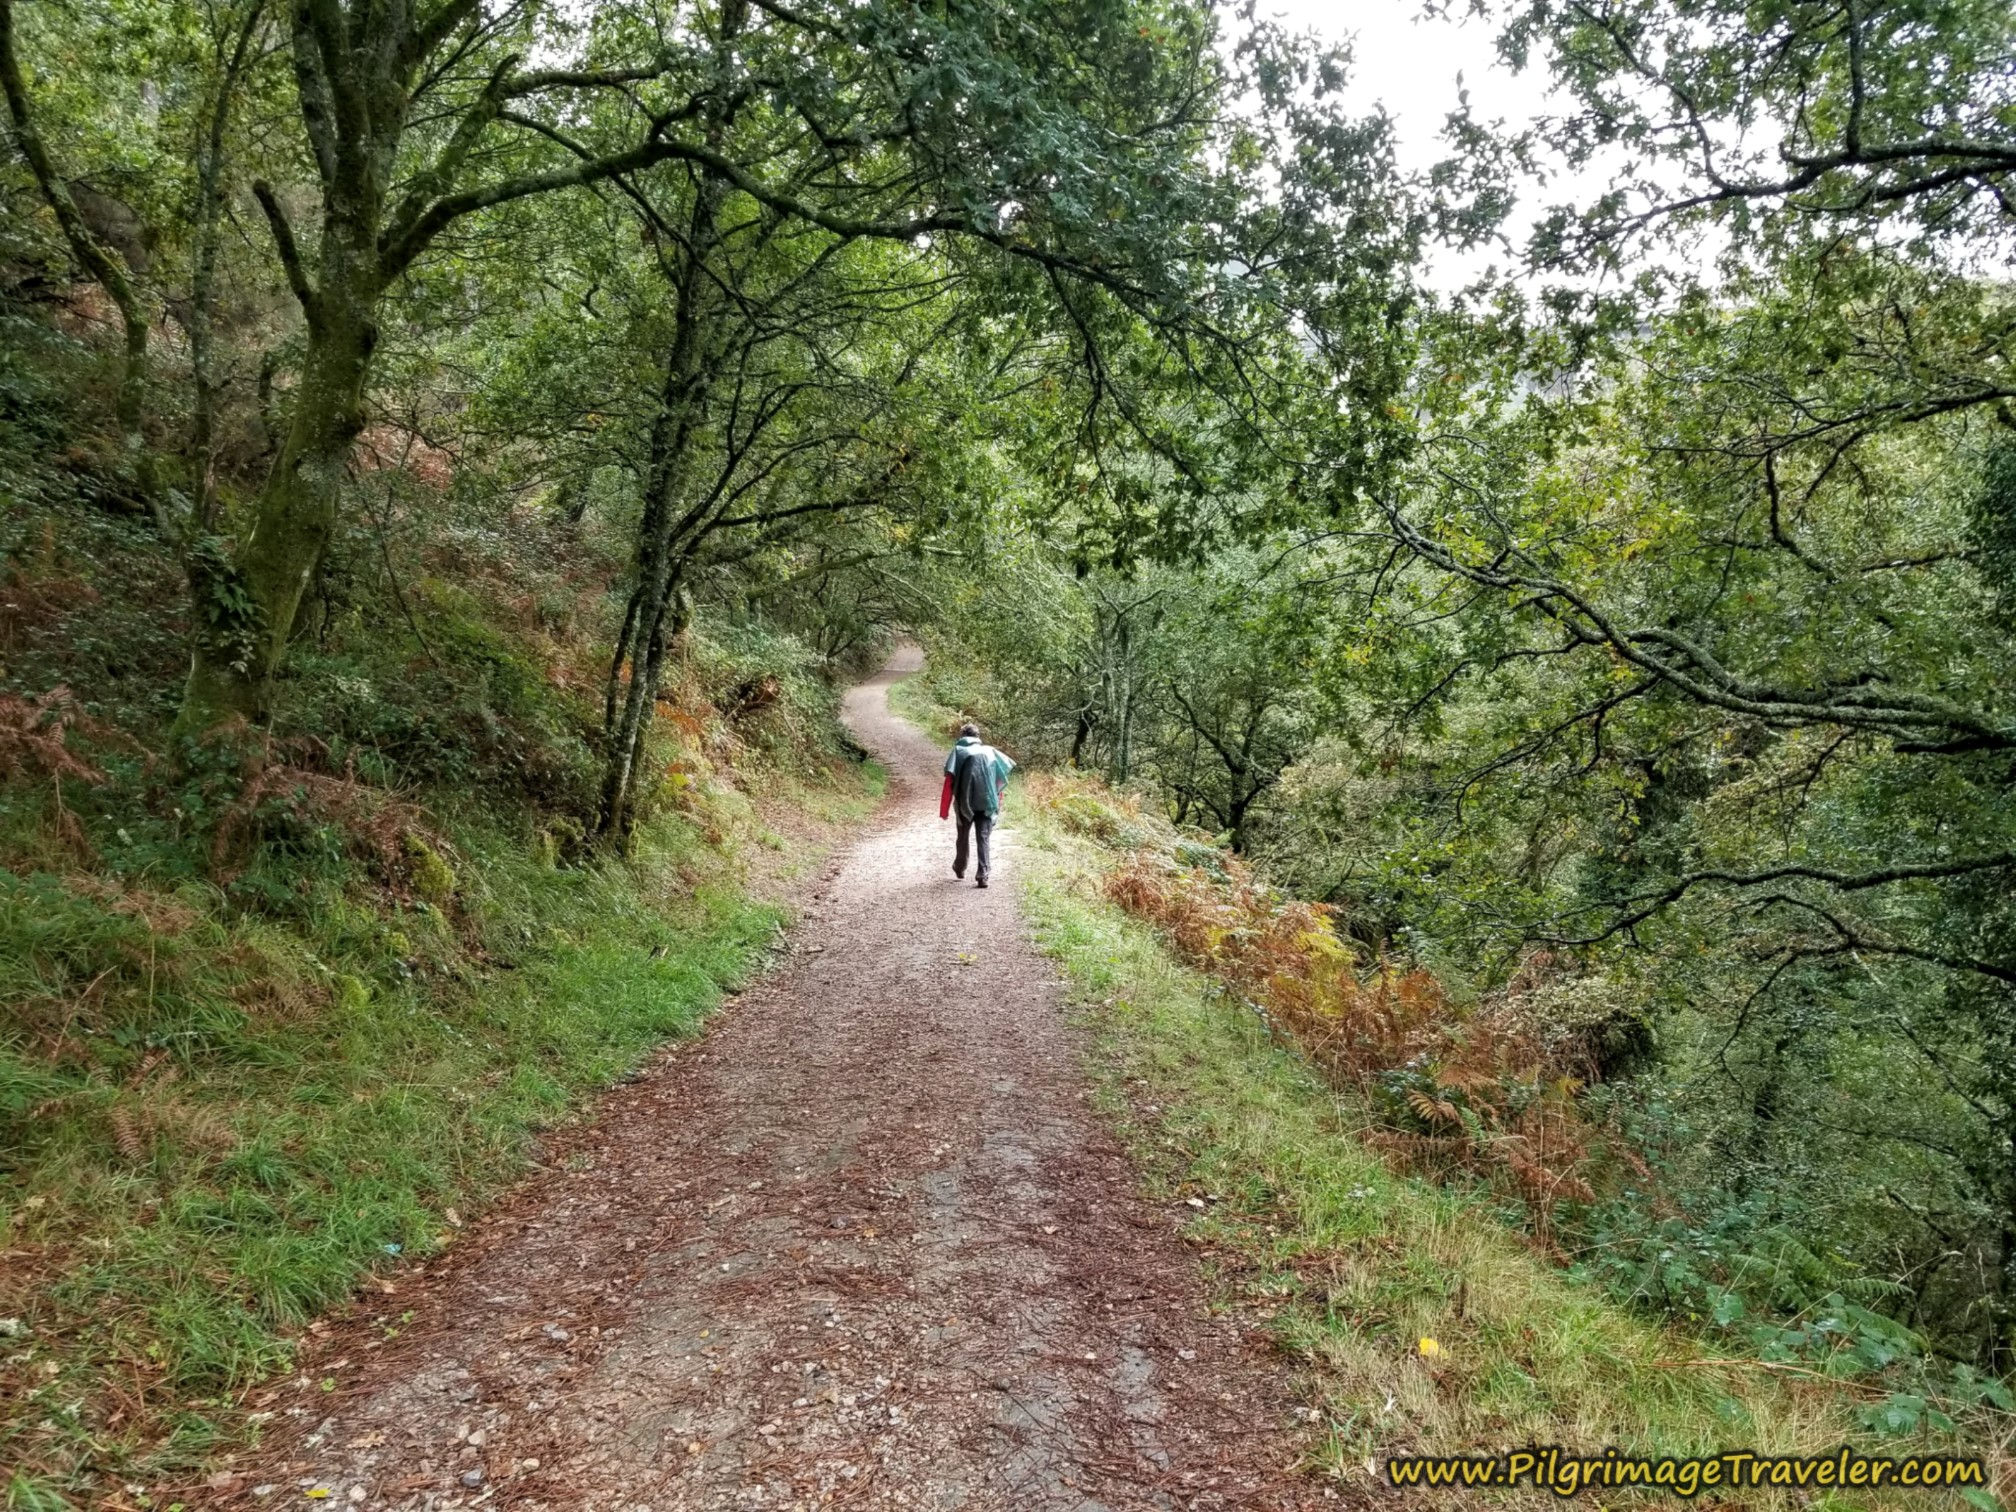 Rich Walking Through More Forest, Camino Sanabrés, Estación de Lalín to Bandeira